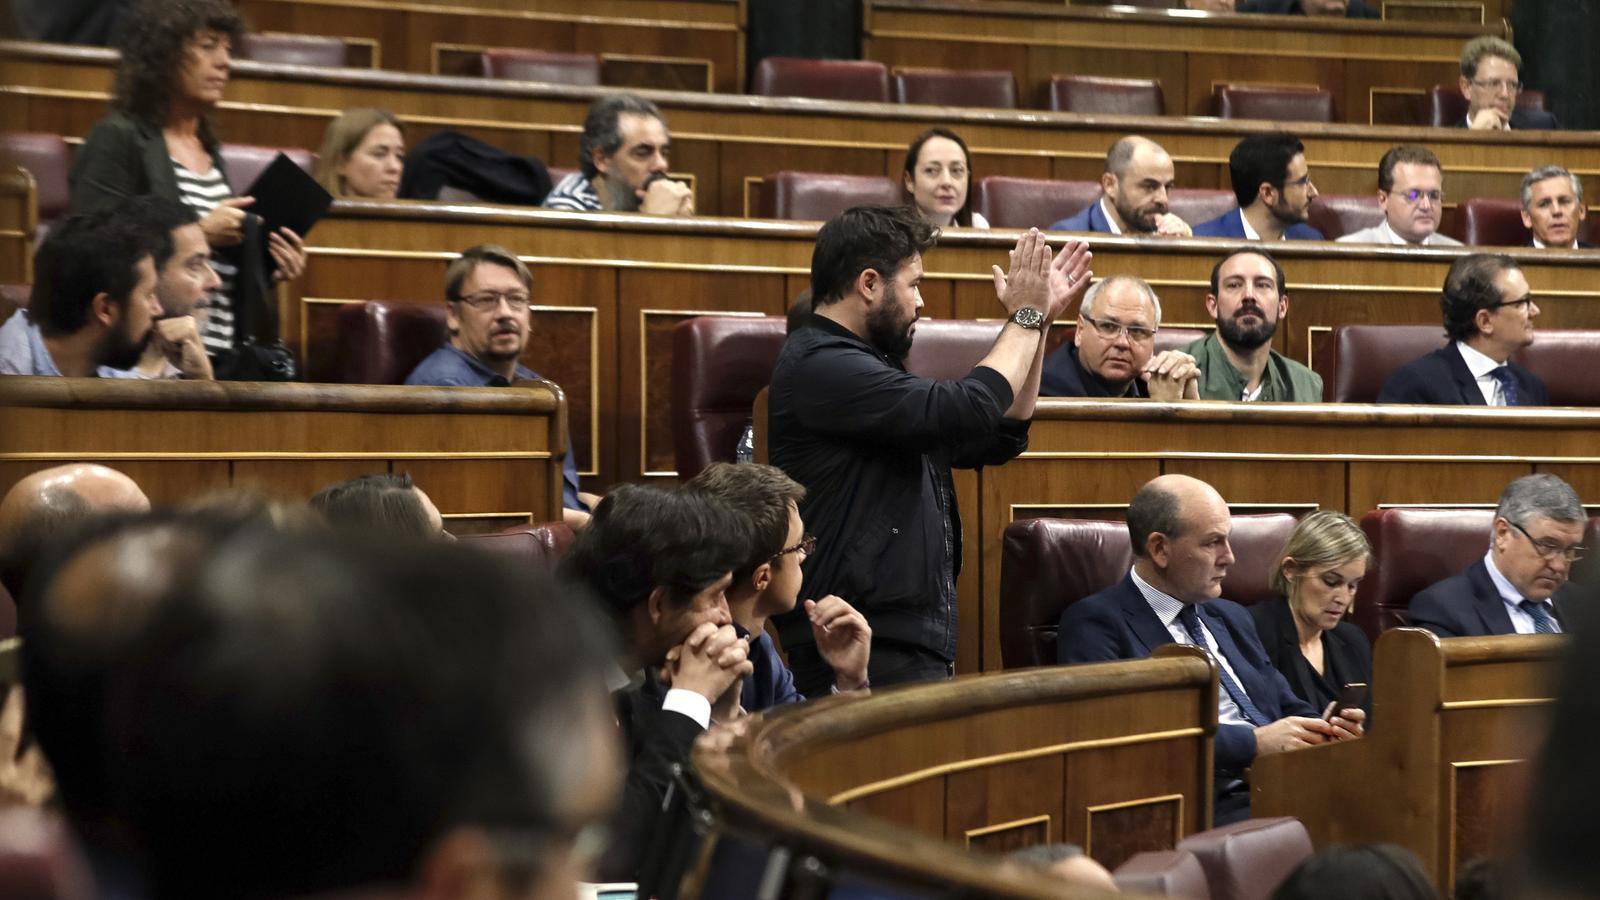 ERC, PDECat i En Comú Podem abandonen el Congrés amb indignació per l'operació de la Guàrdia Civil